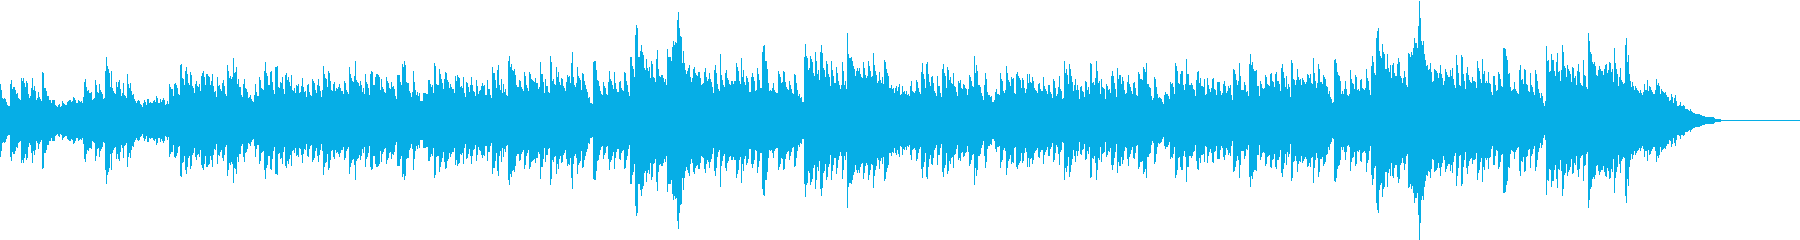 星空をイメージしたピアノの癒やしBGMの再生済みの波形